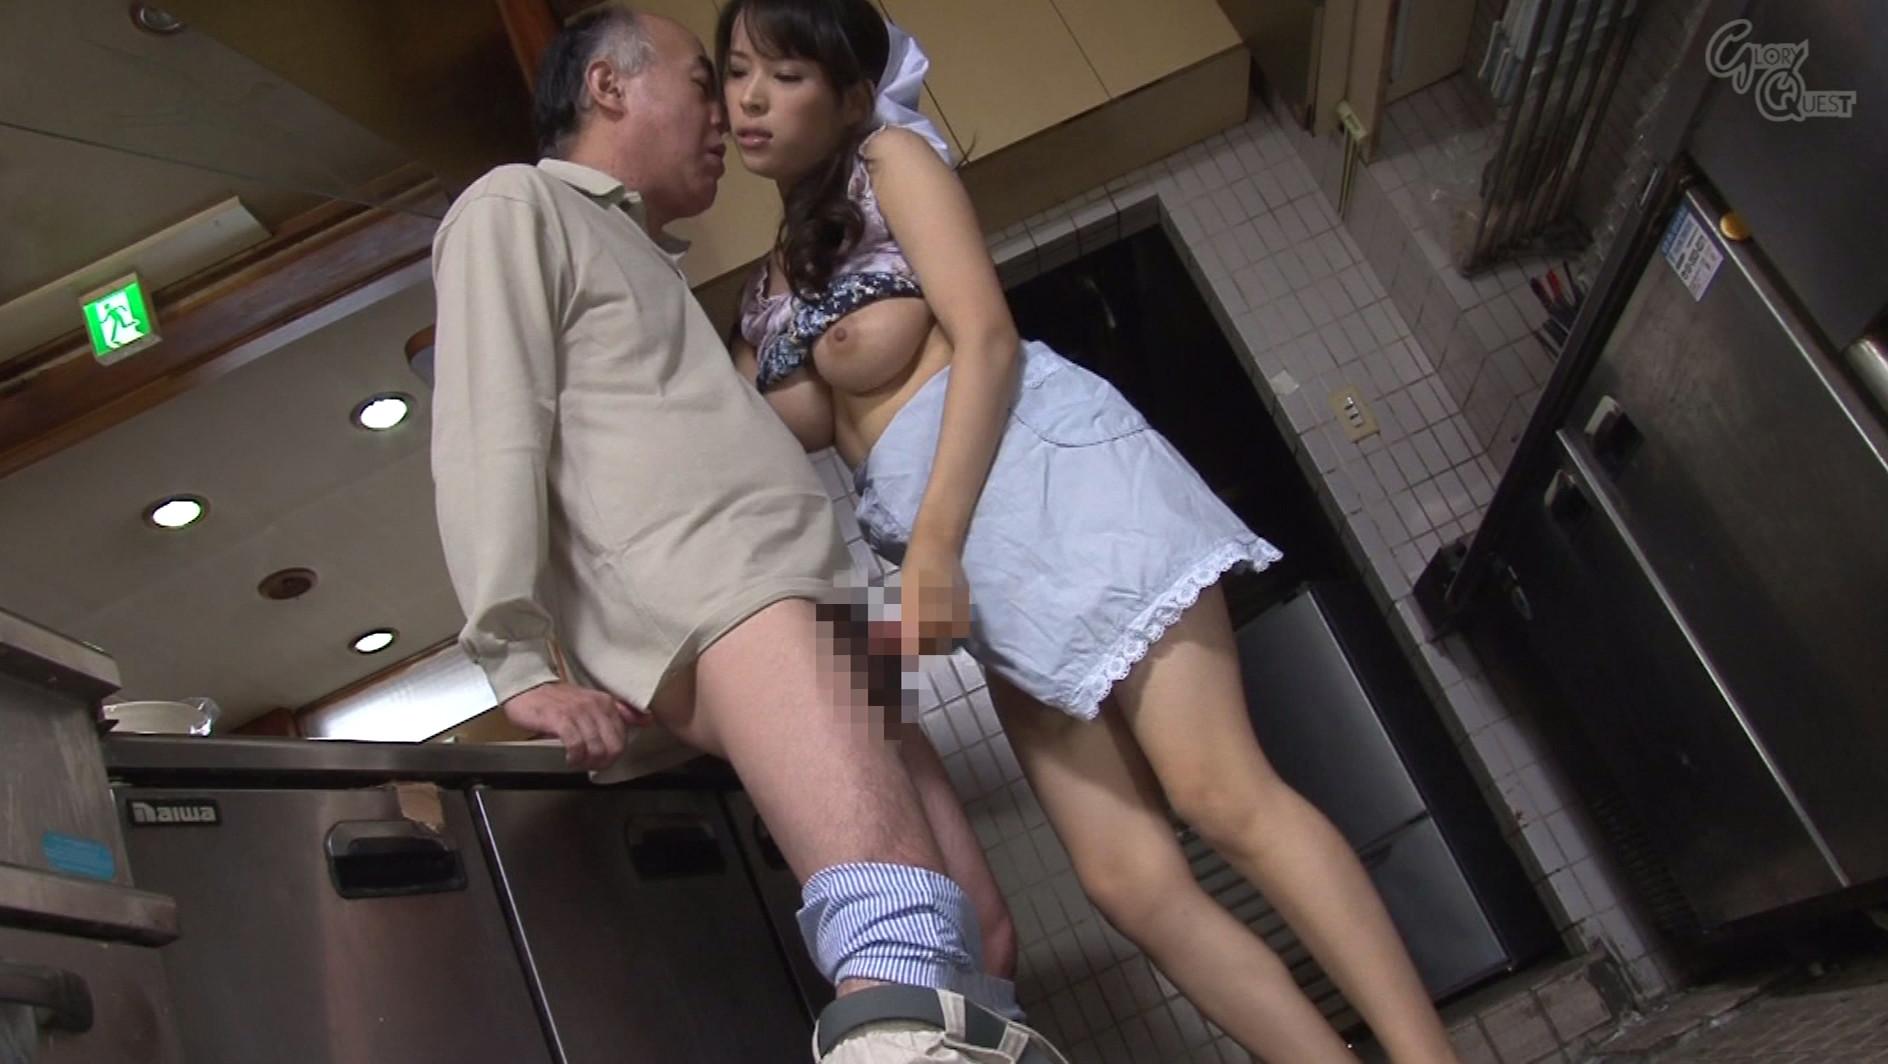 ベロチュー好きな巨乳人妻と中出しできる定食屋さん 春原未来 真木今日子 沖田奈々 画像19